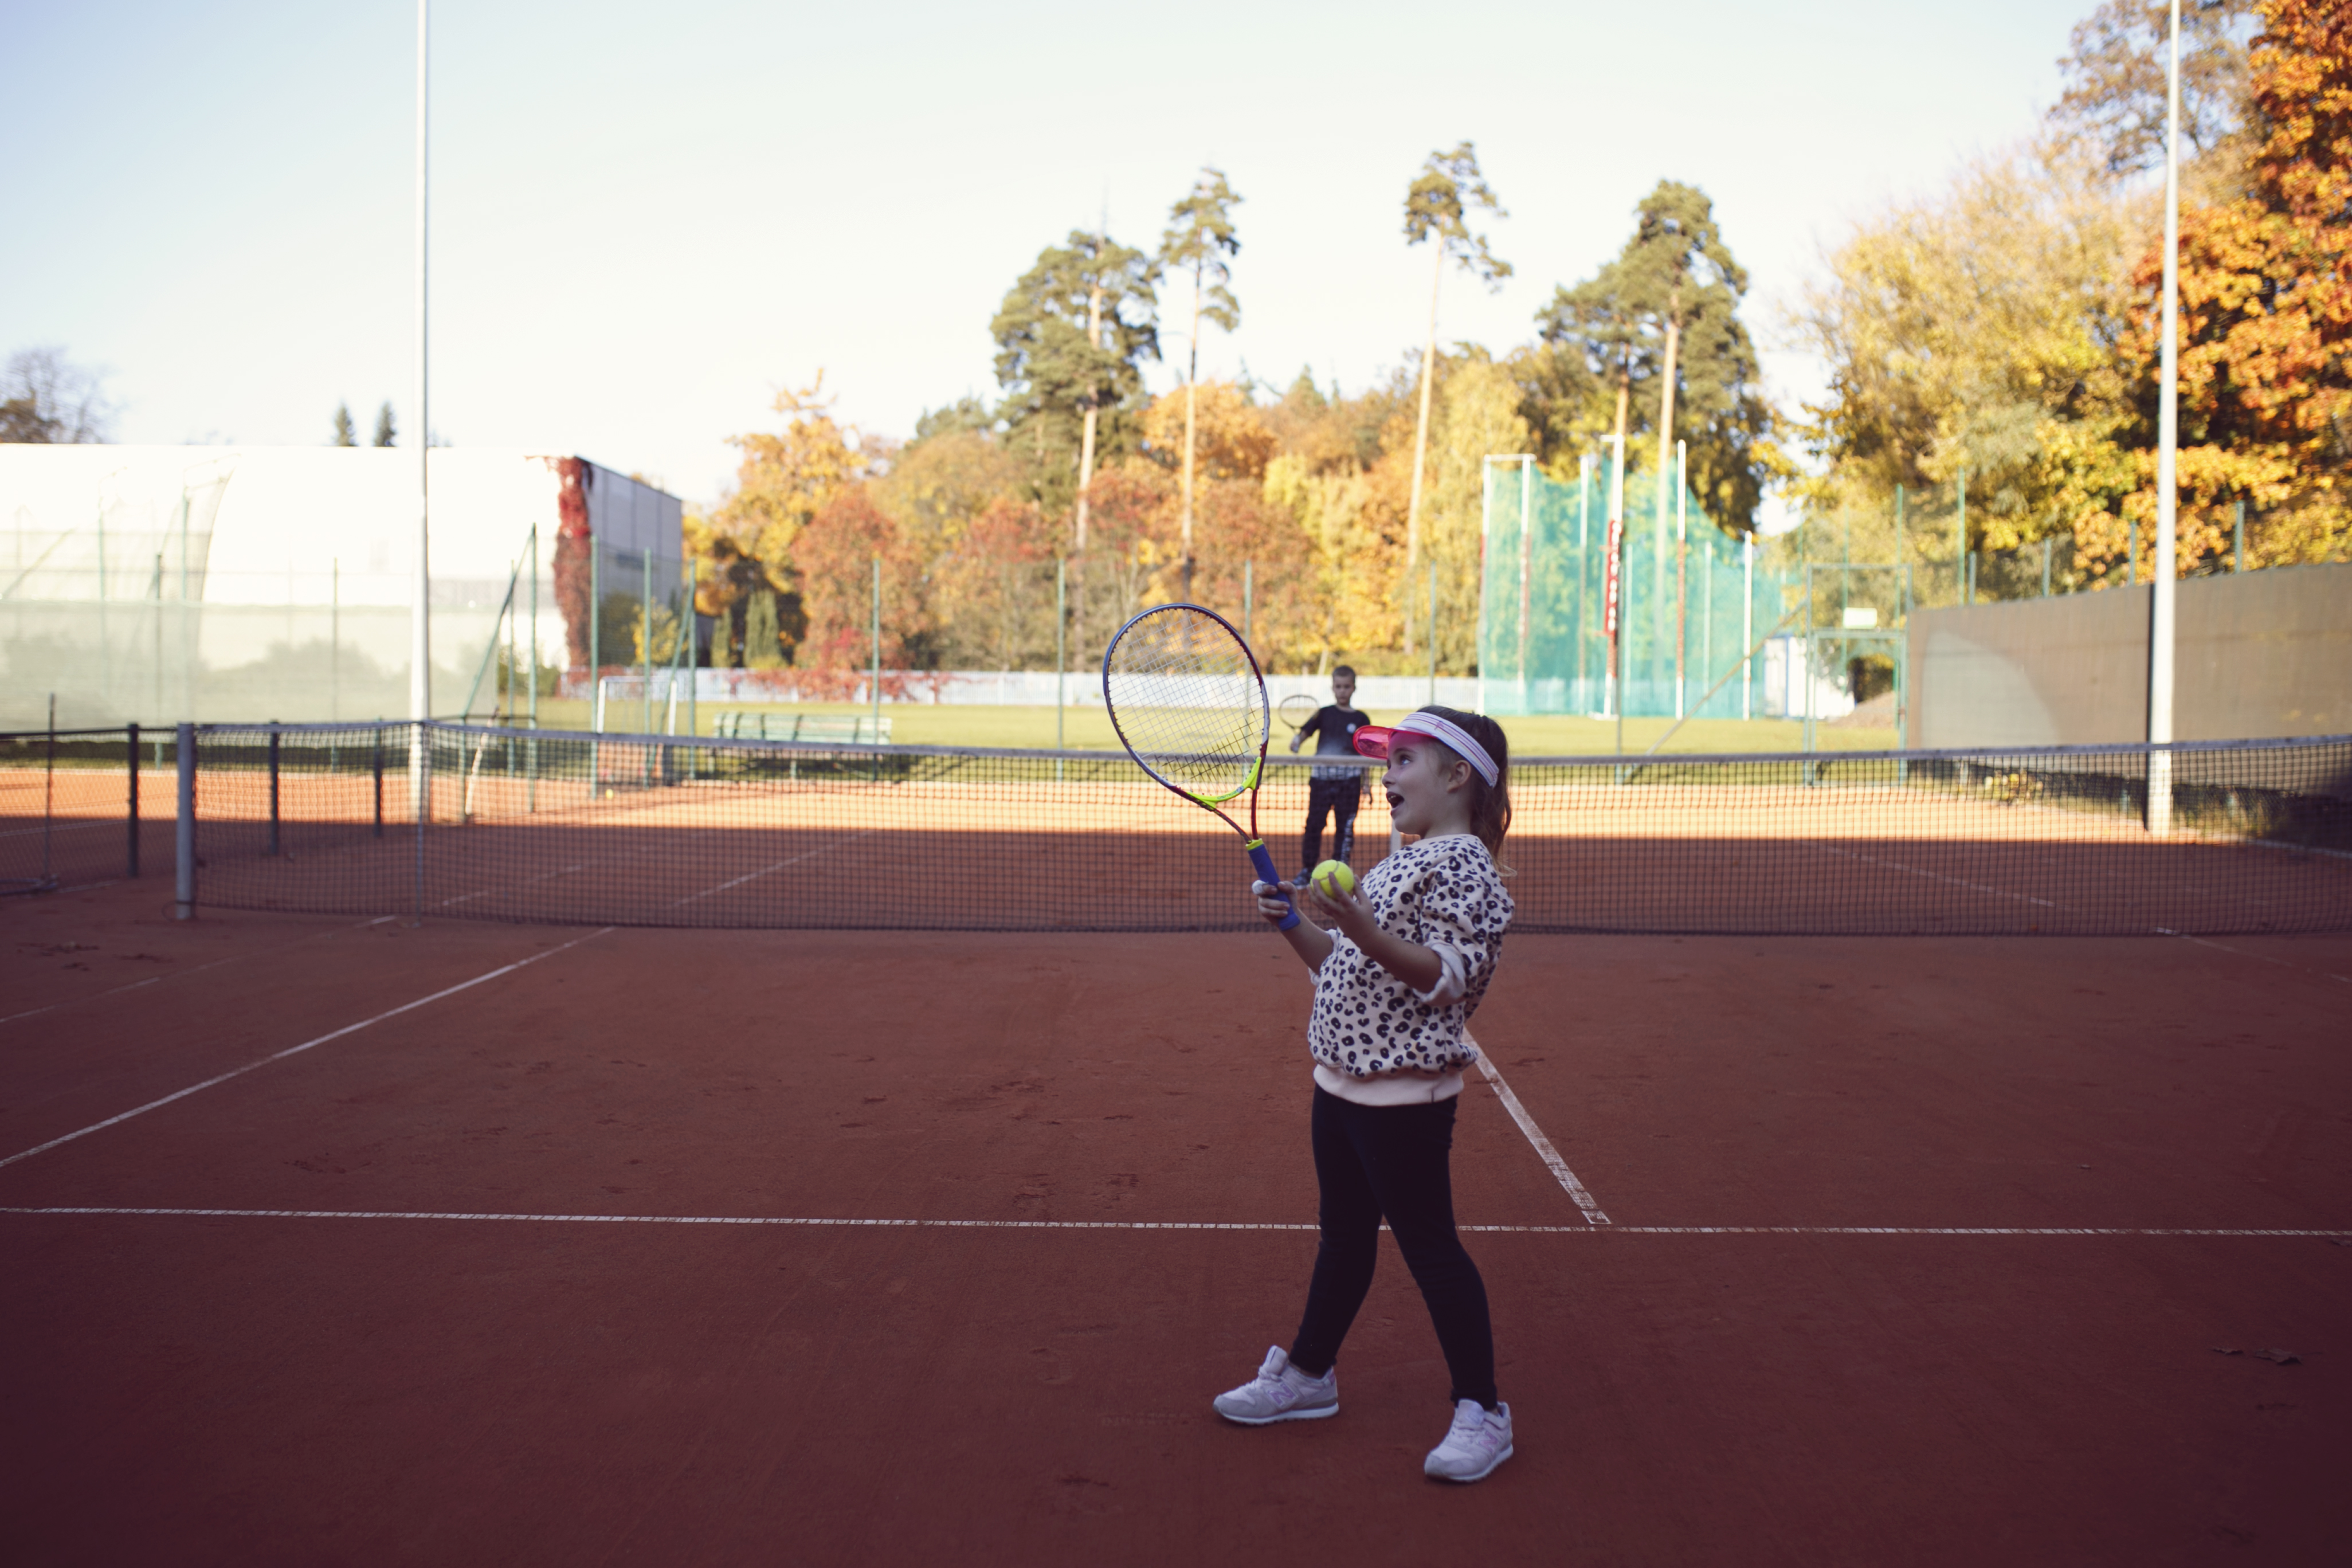 tenis ziemny, dzieciaki do rakiet